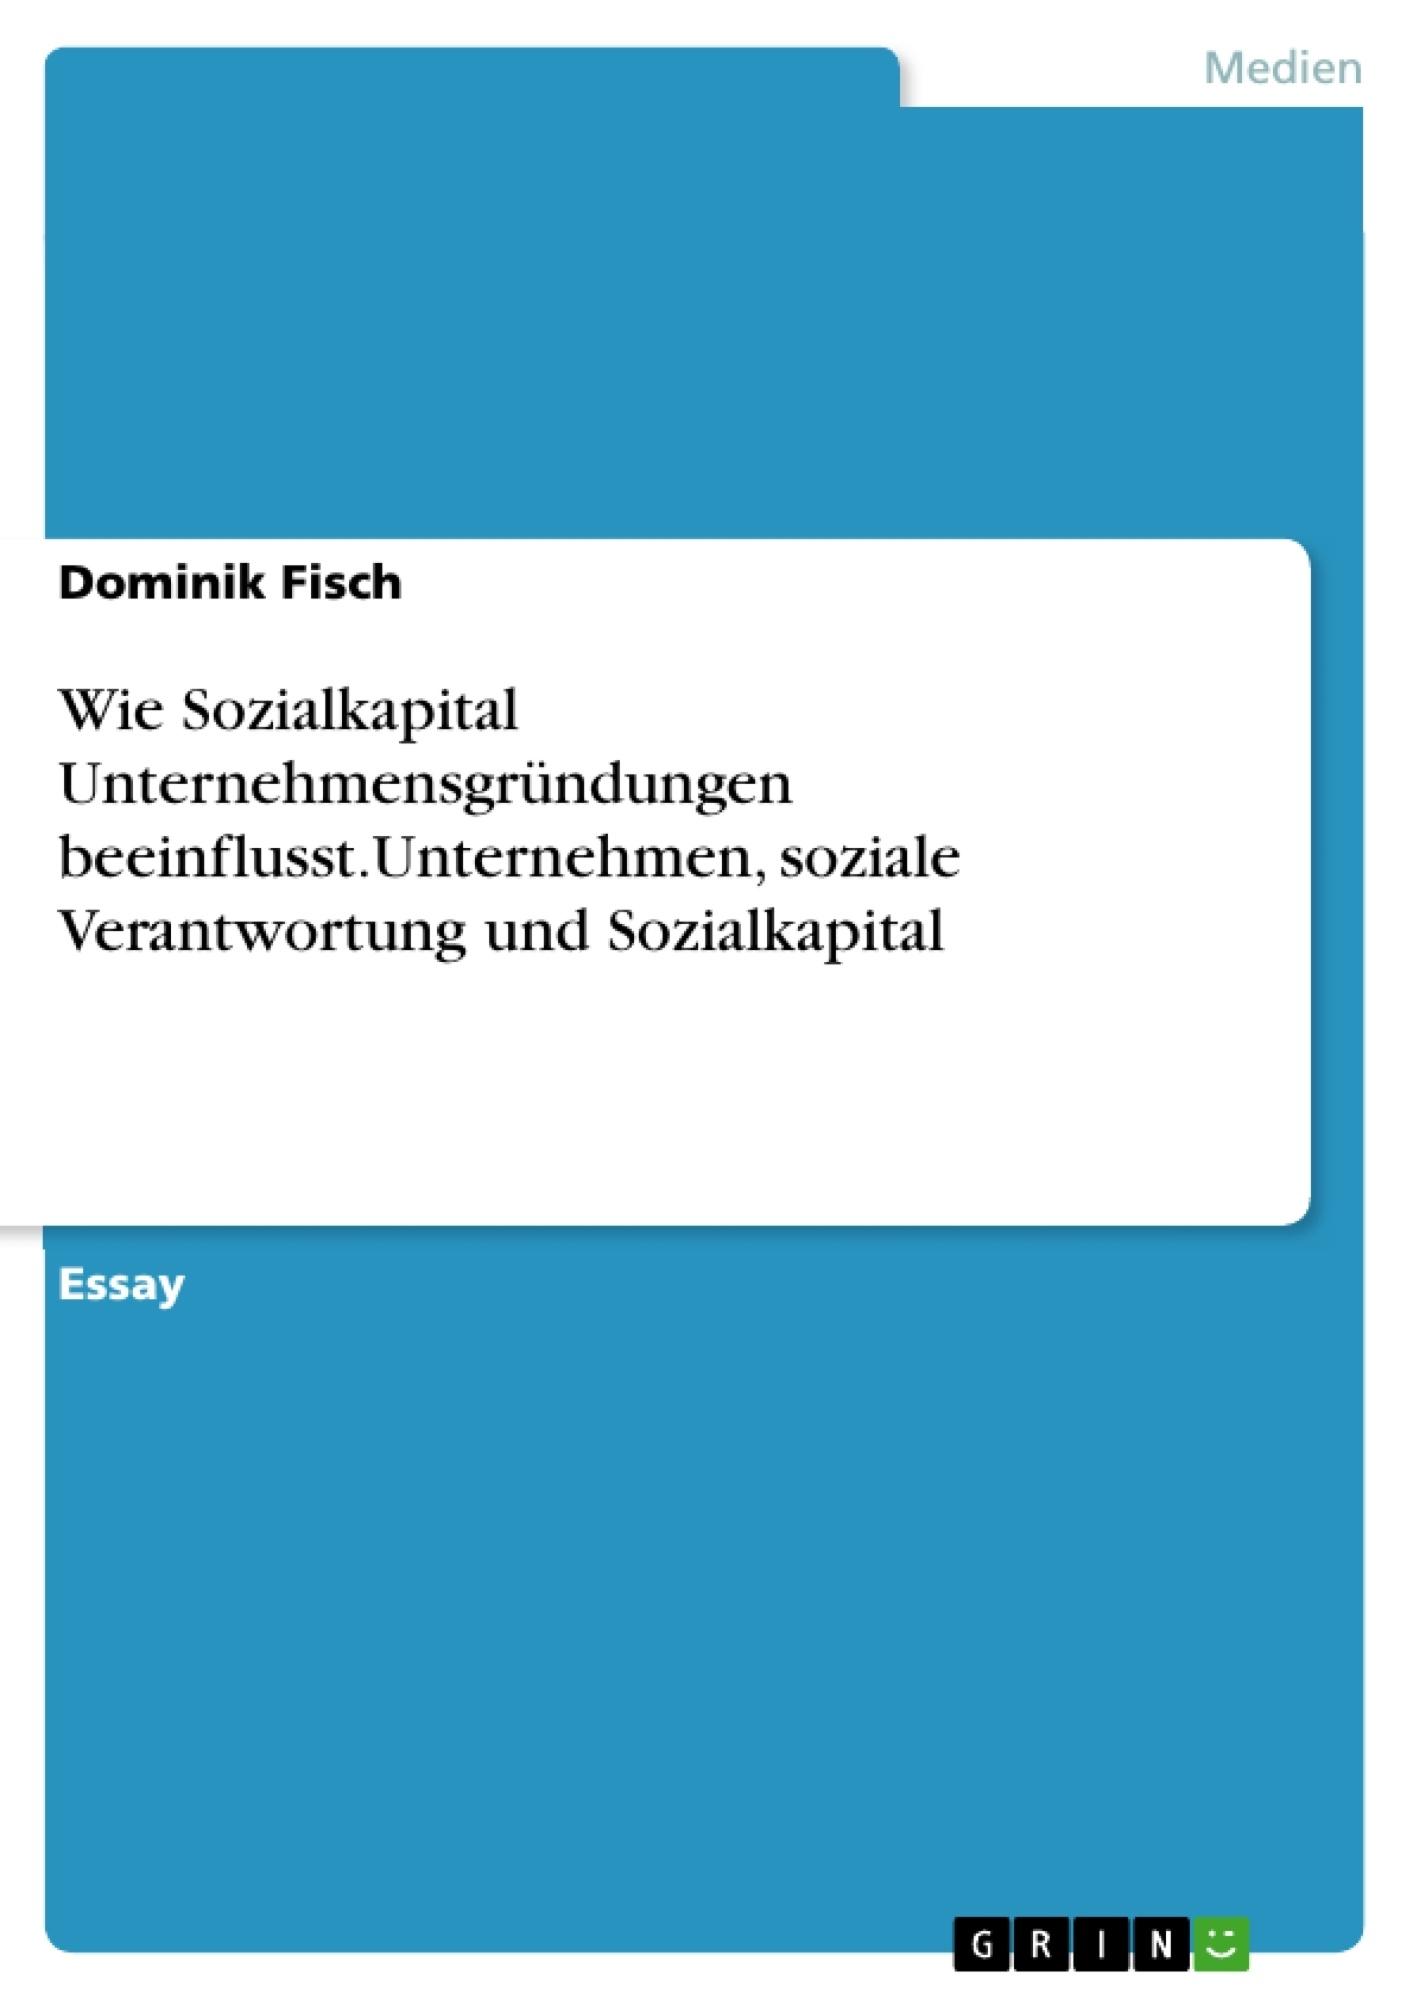 Titel: Wie Sozialkapital Unternehmensgründungen beeinflusst.Unternehmen, soziale Verantwortung und  Sozialkapital